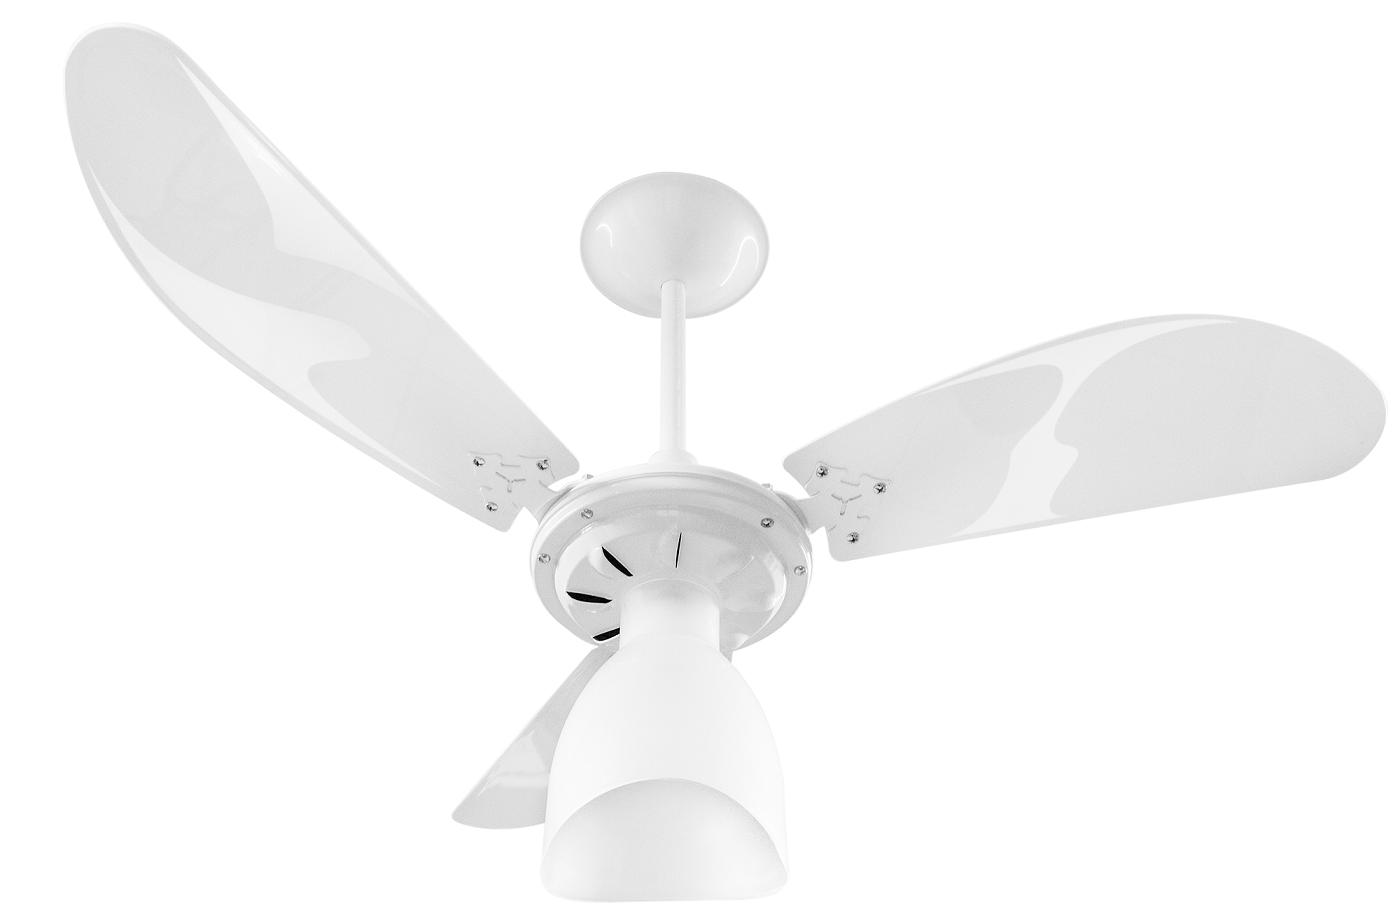 Ventilador de Teto New Cristal Light Branco 220V+Controle R.